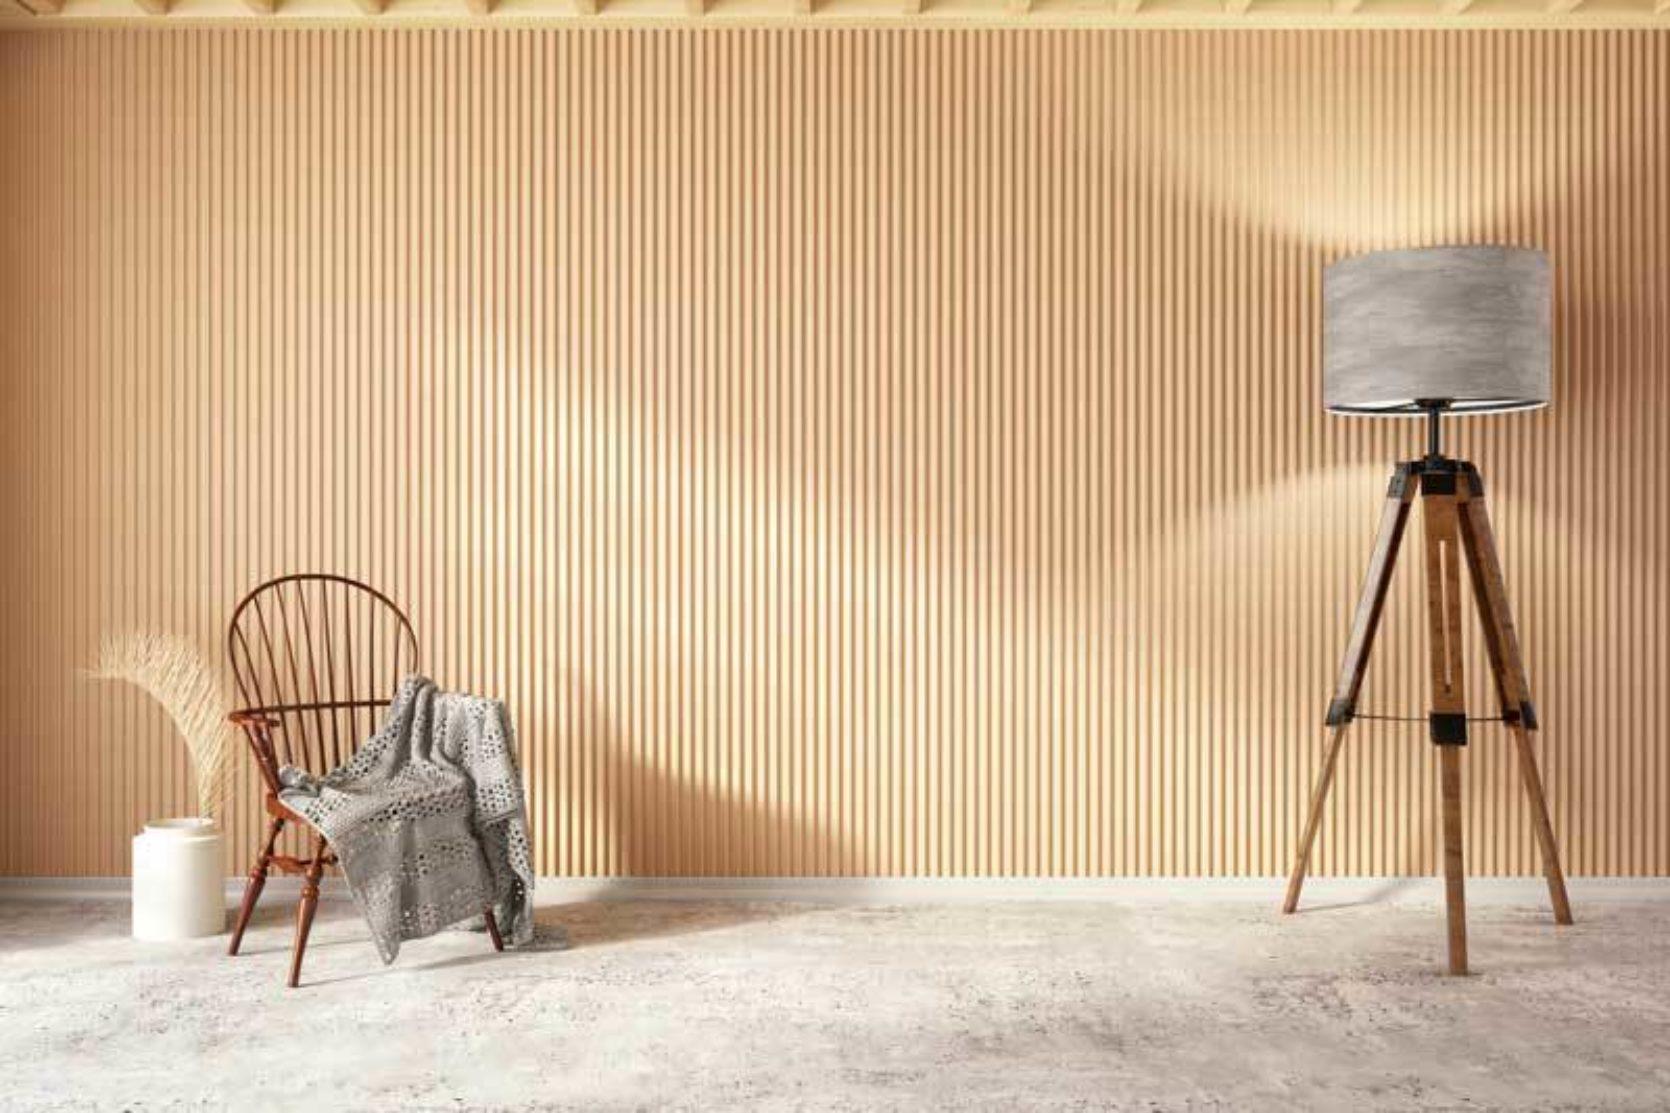 Trespiler (furuspiler) i en moderne stue. Spiler i tre gjør rommet hyggeligere - og dessuten kan spiler lydisolere rommet.